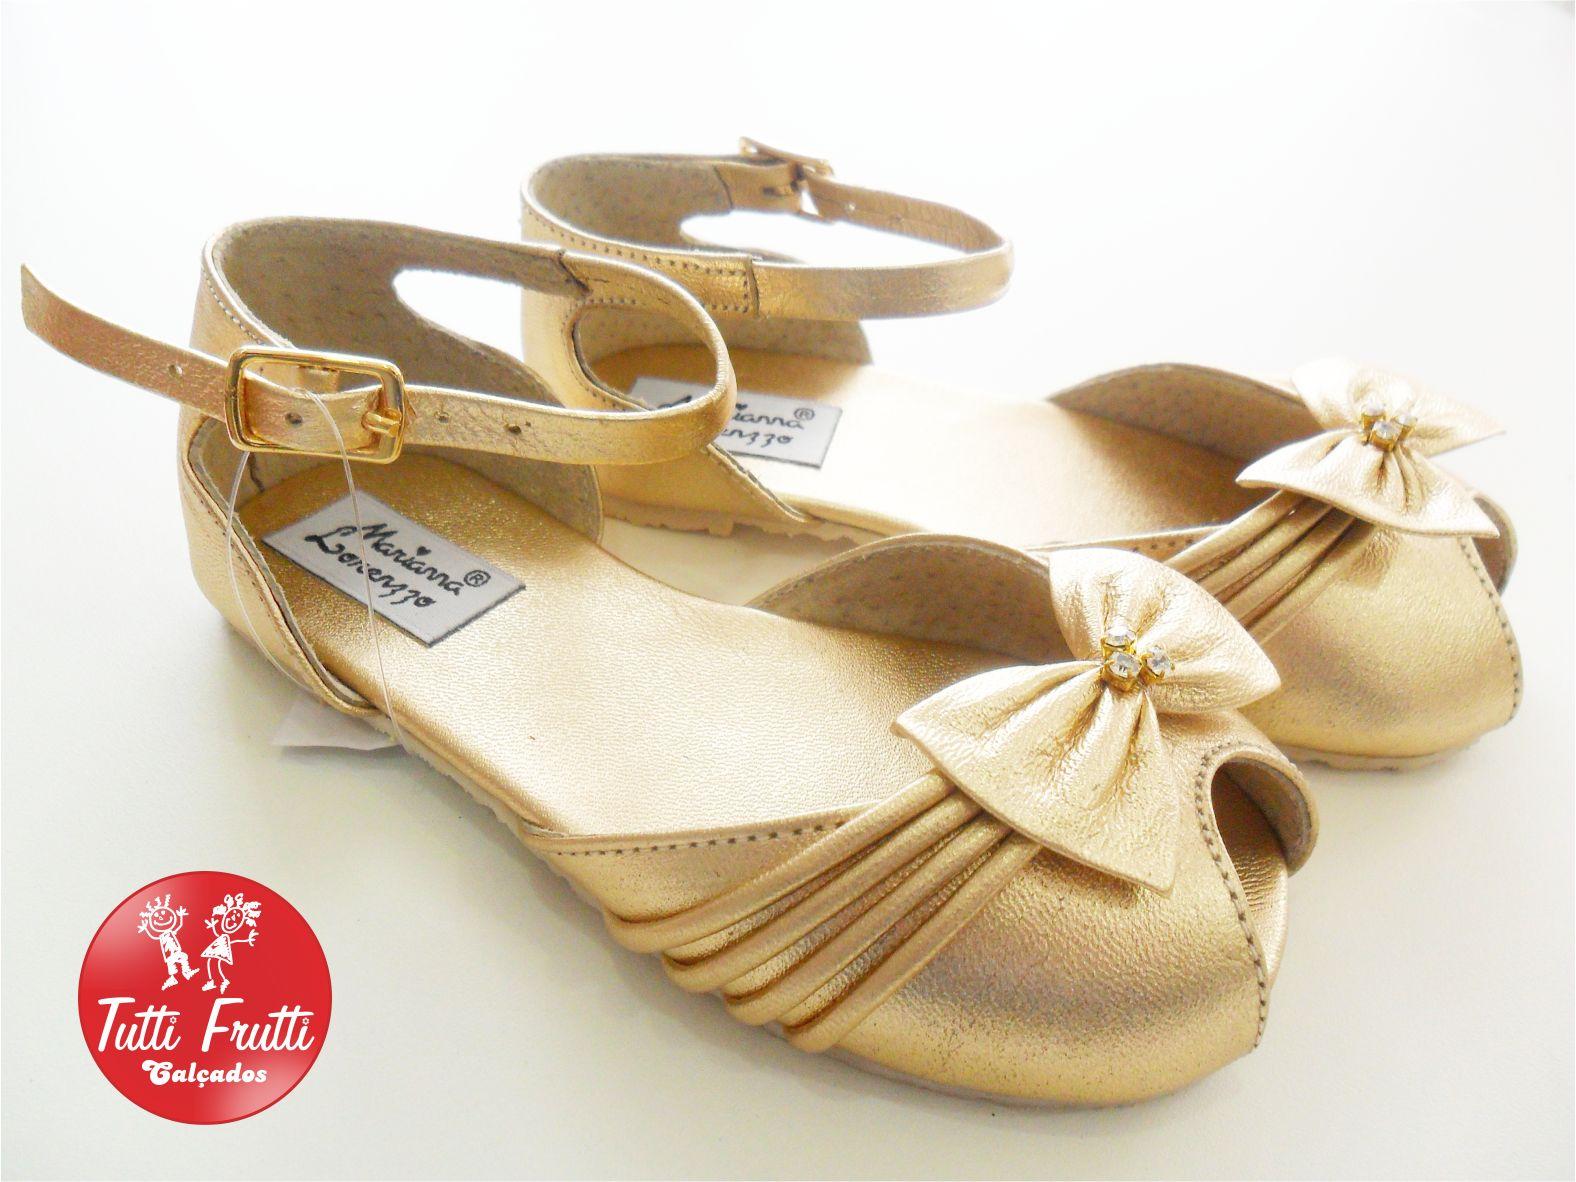 f826b1efeb4a9 Tutti Frutti Calçados  O brilho das sapatilhas Marianna Lorenzzo